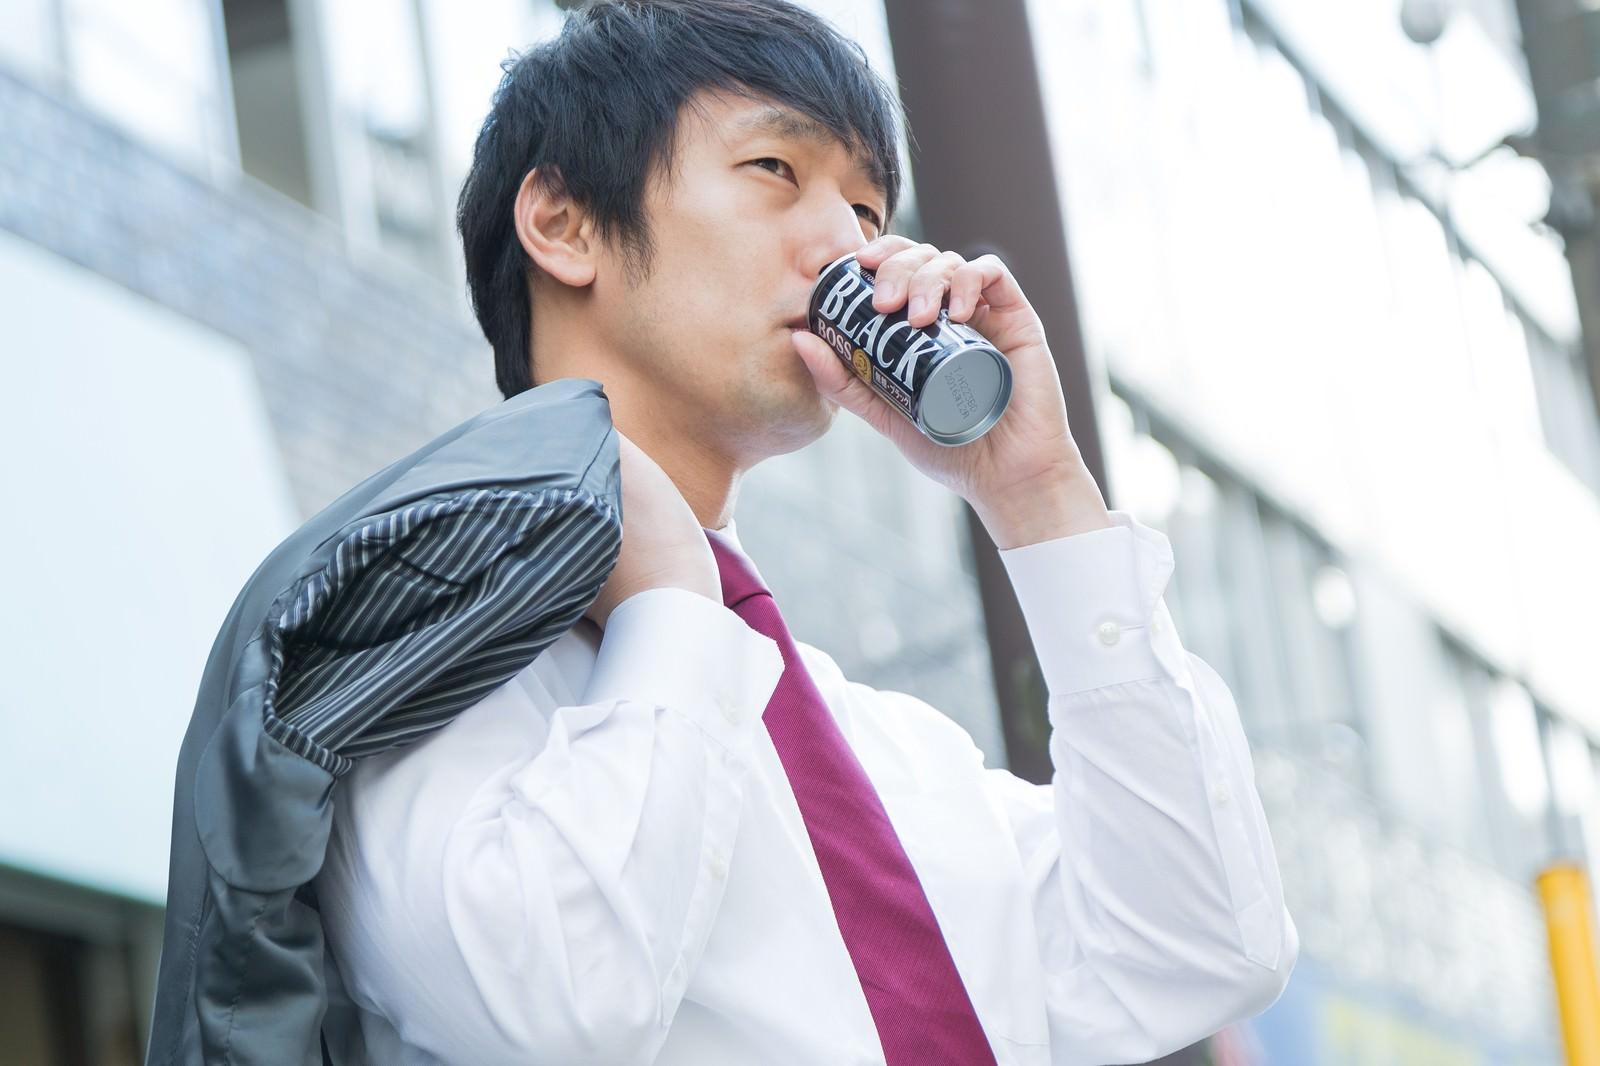 「糖分の摂取量を気にするプチメタボ」の写真[モデル:大川竜弥]